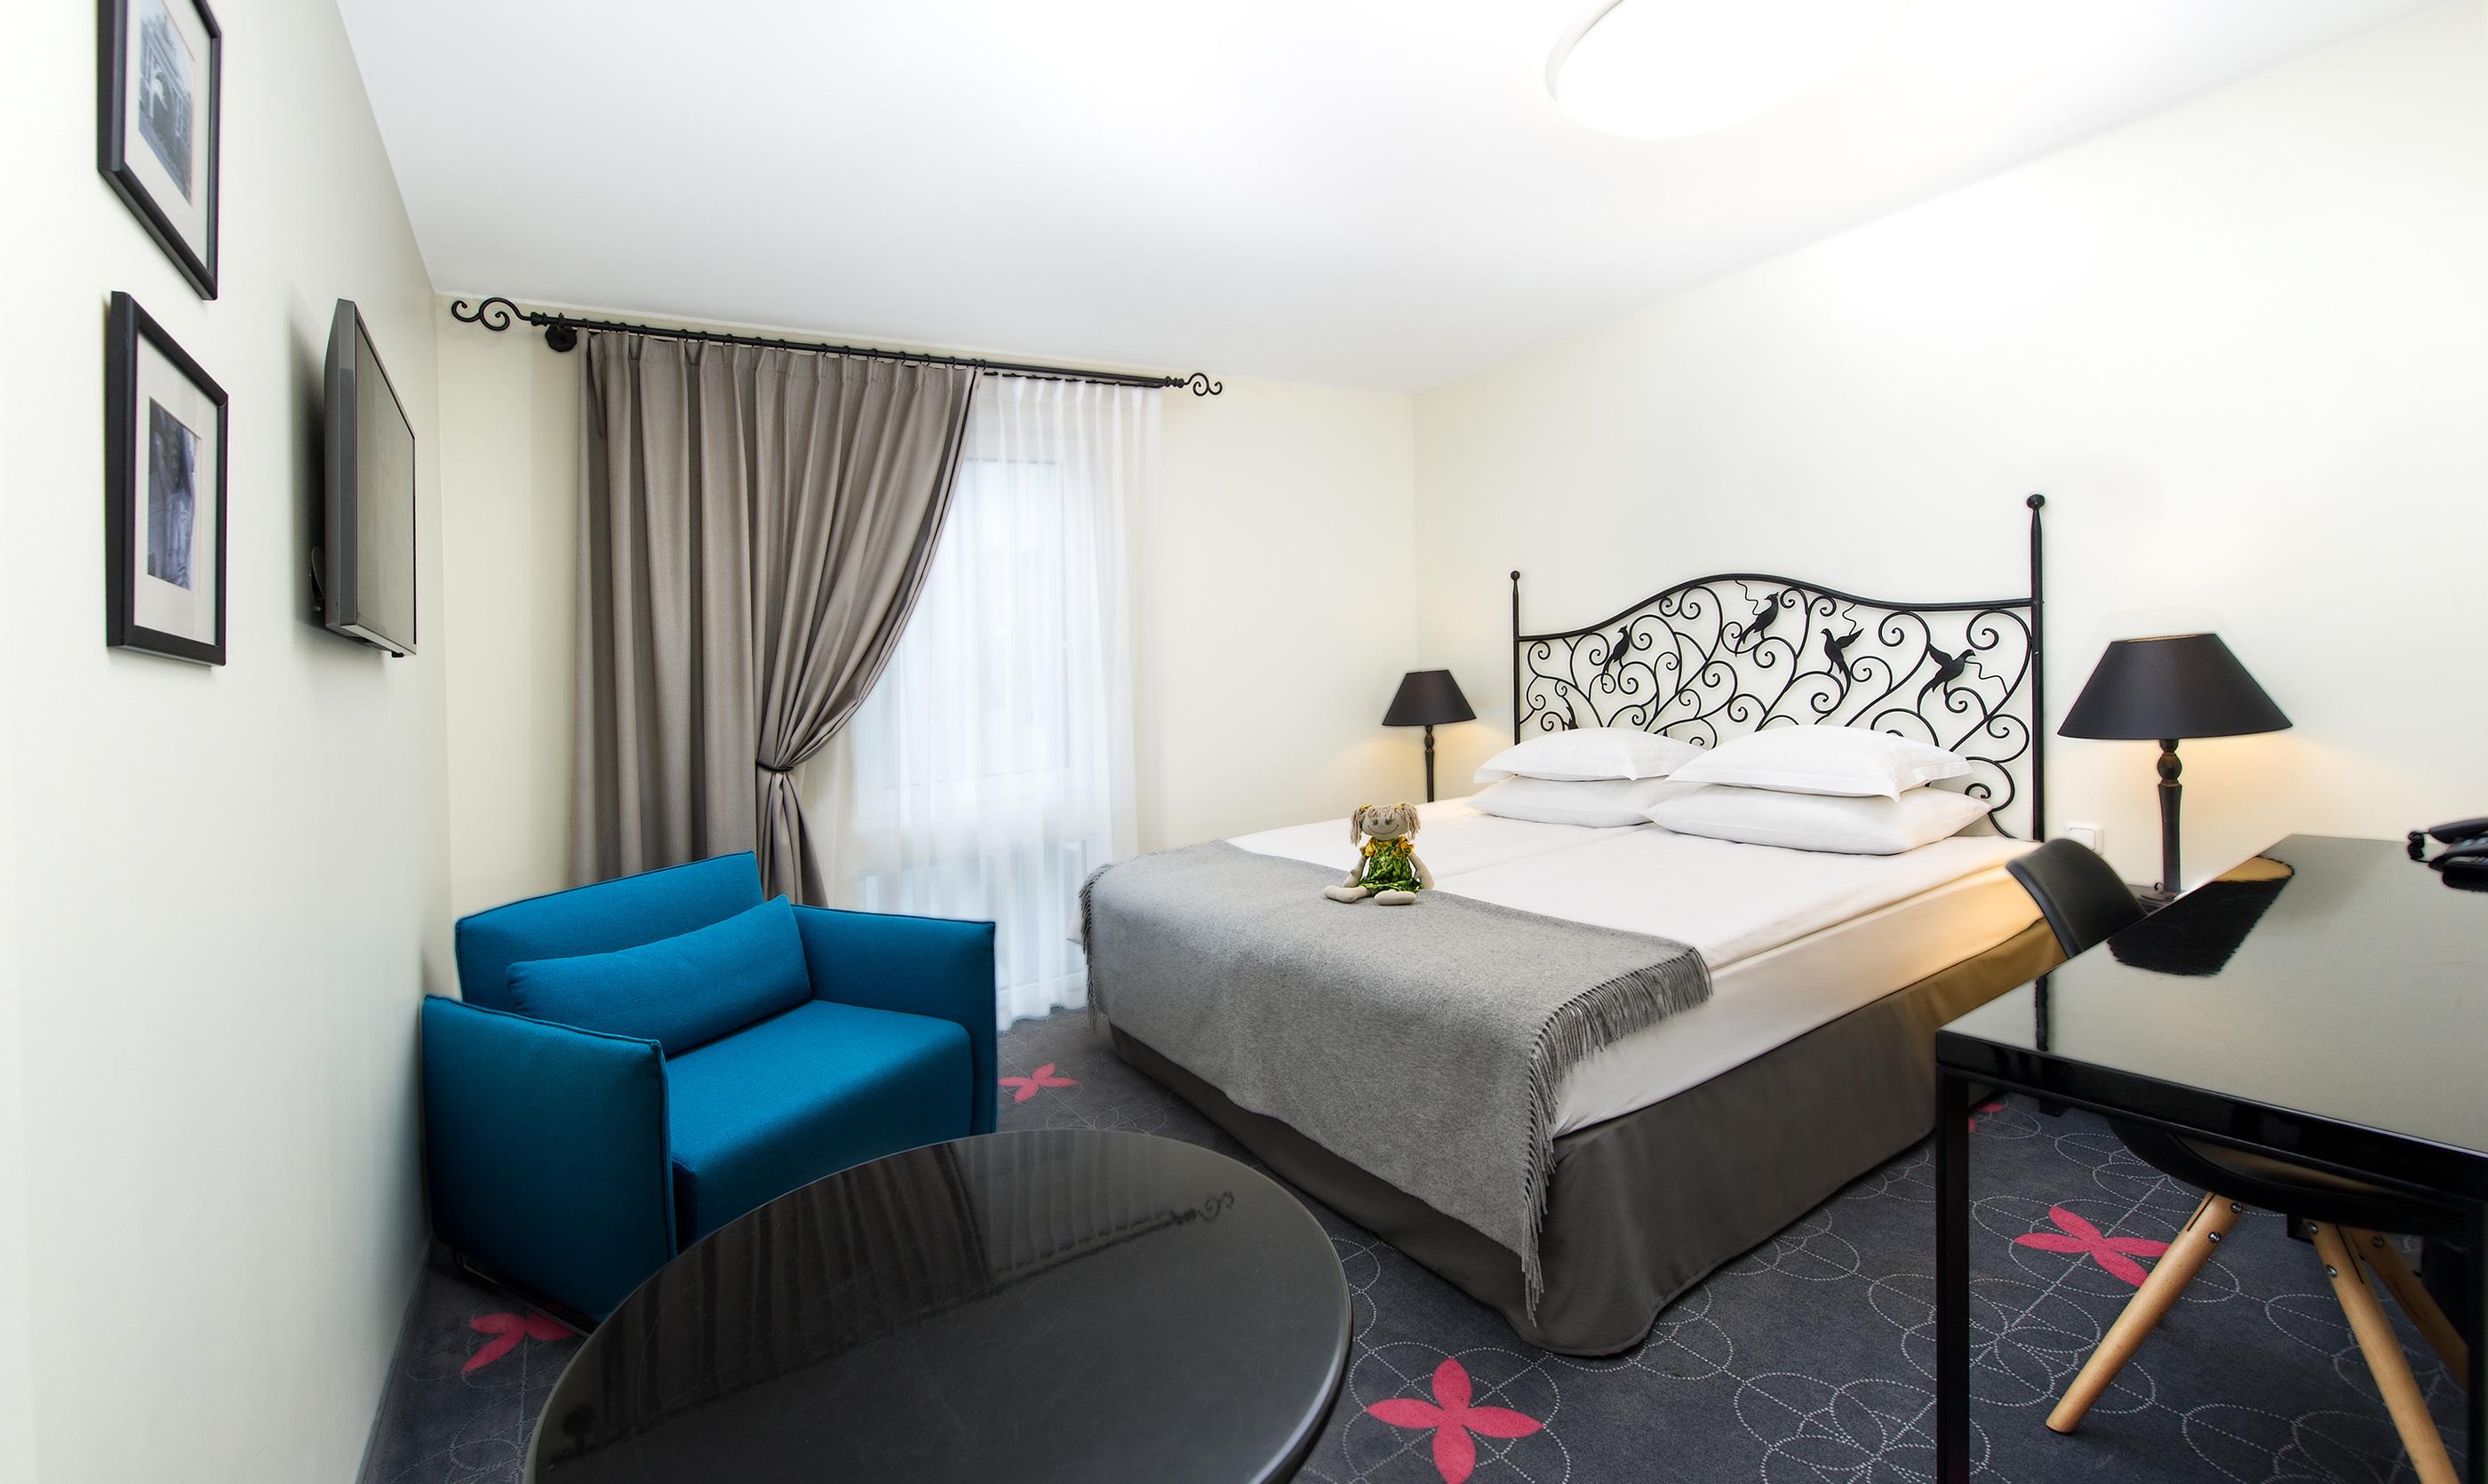 Дизайн интерьера спальни 18 кв м